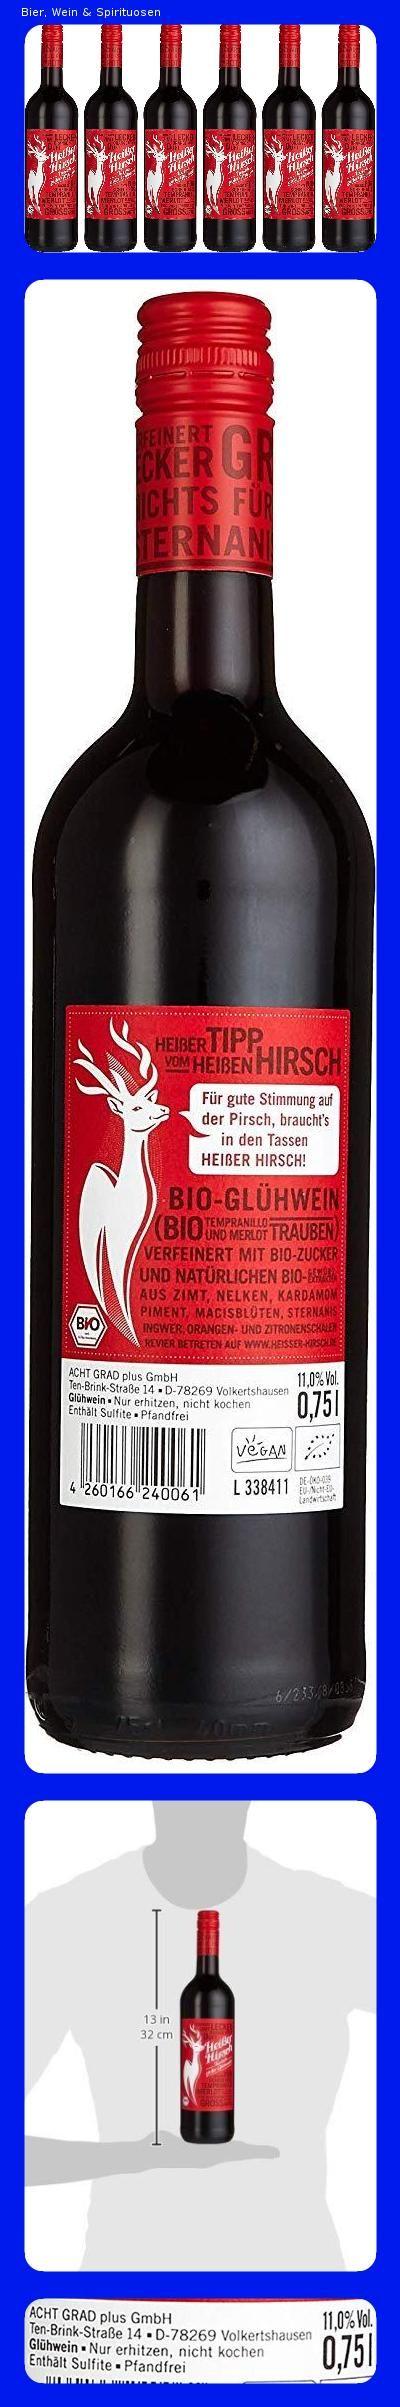 Heisser Hirsch Bio Gluhwein Rot 6 X 0 75l Spirituosen Gluhwein Und Wein